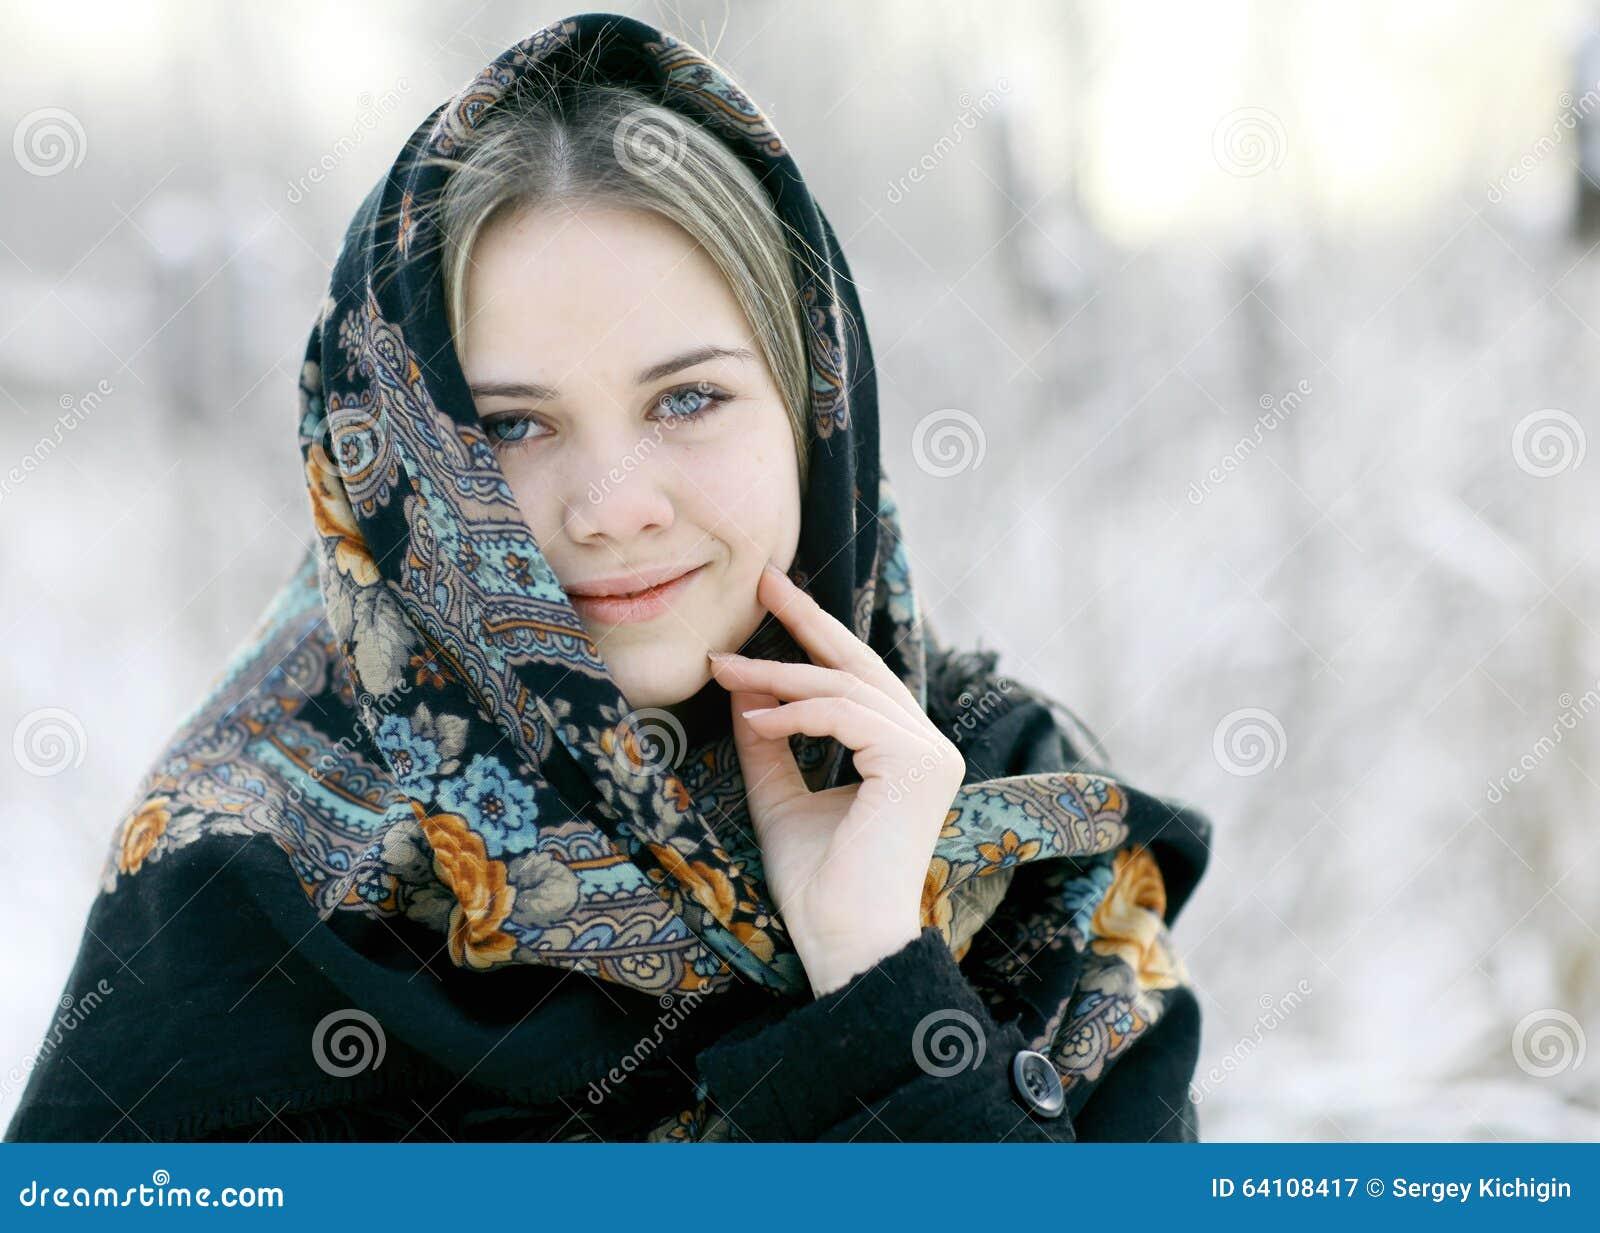 Парень русские зрелая и молодая